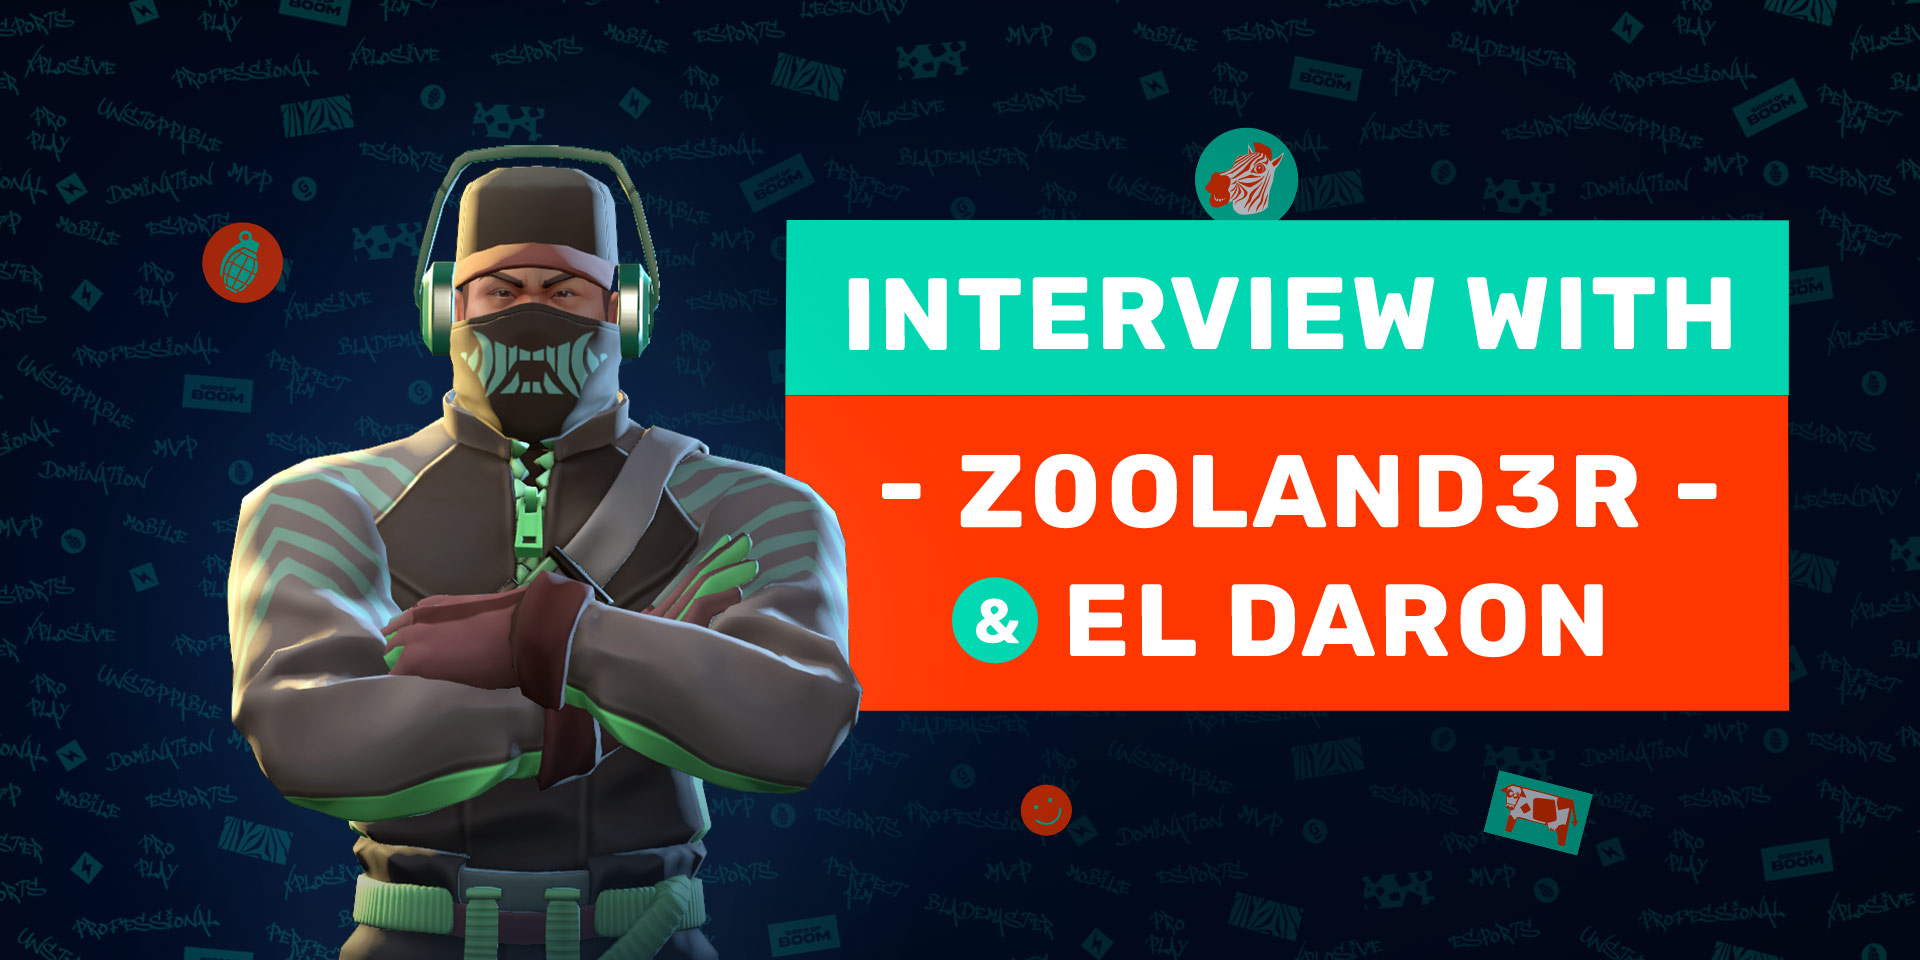 60704d4d5ffb9_esports-players-interview_header_EN